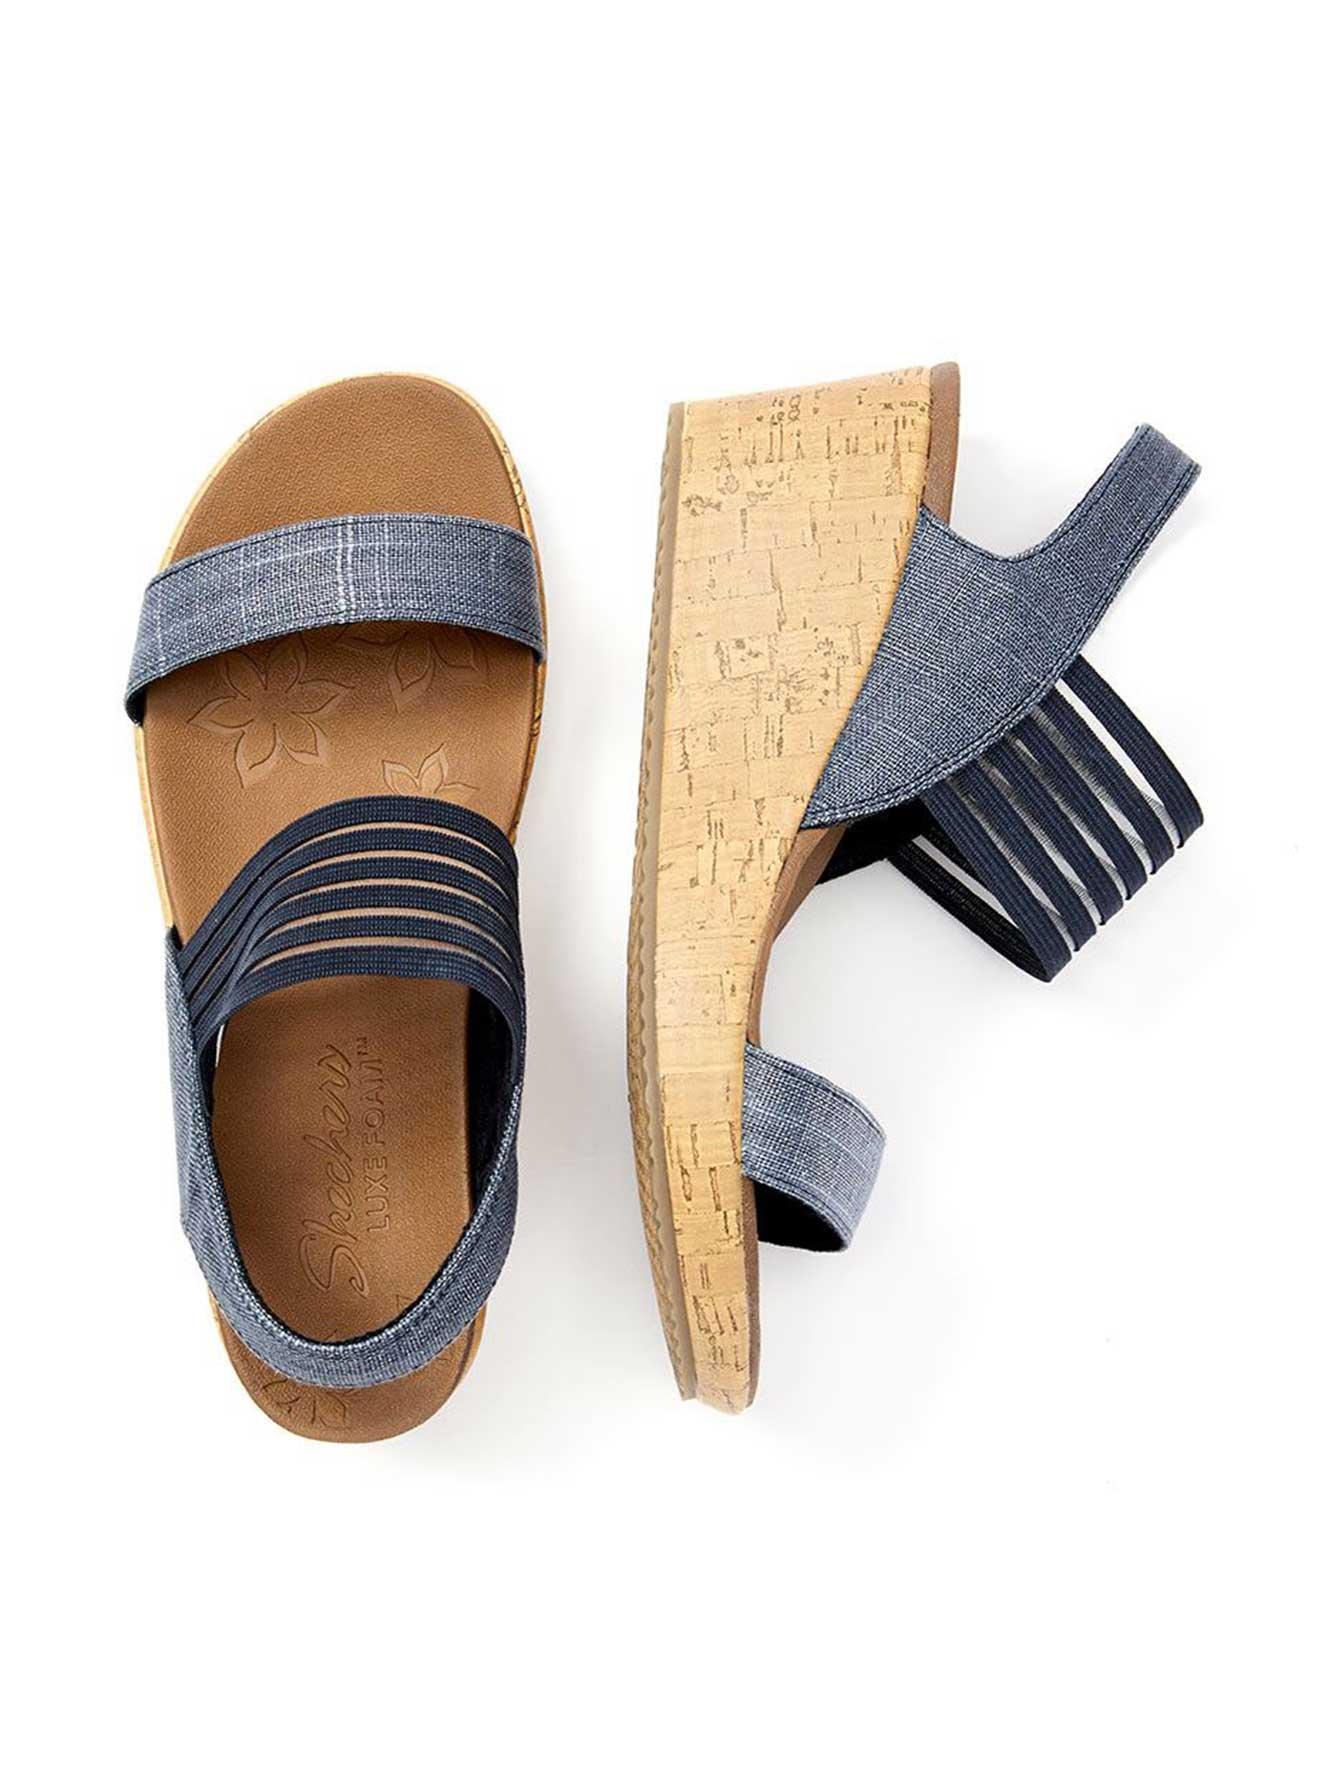 Wide-Width Wedge Sandals - Skechers | Penningtons